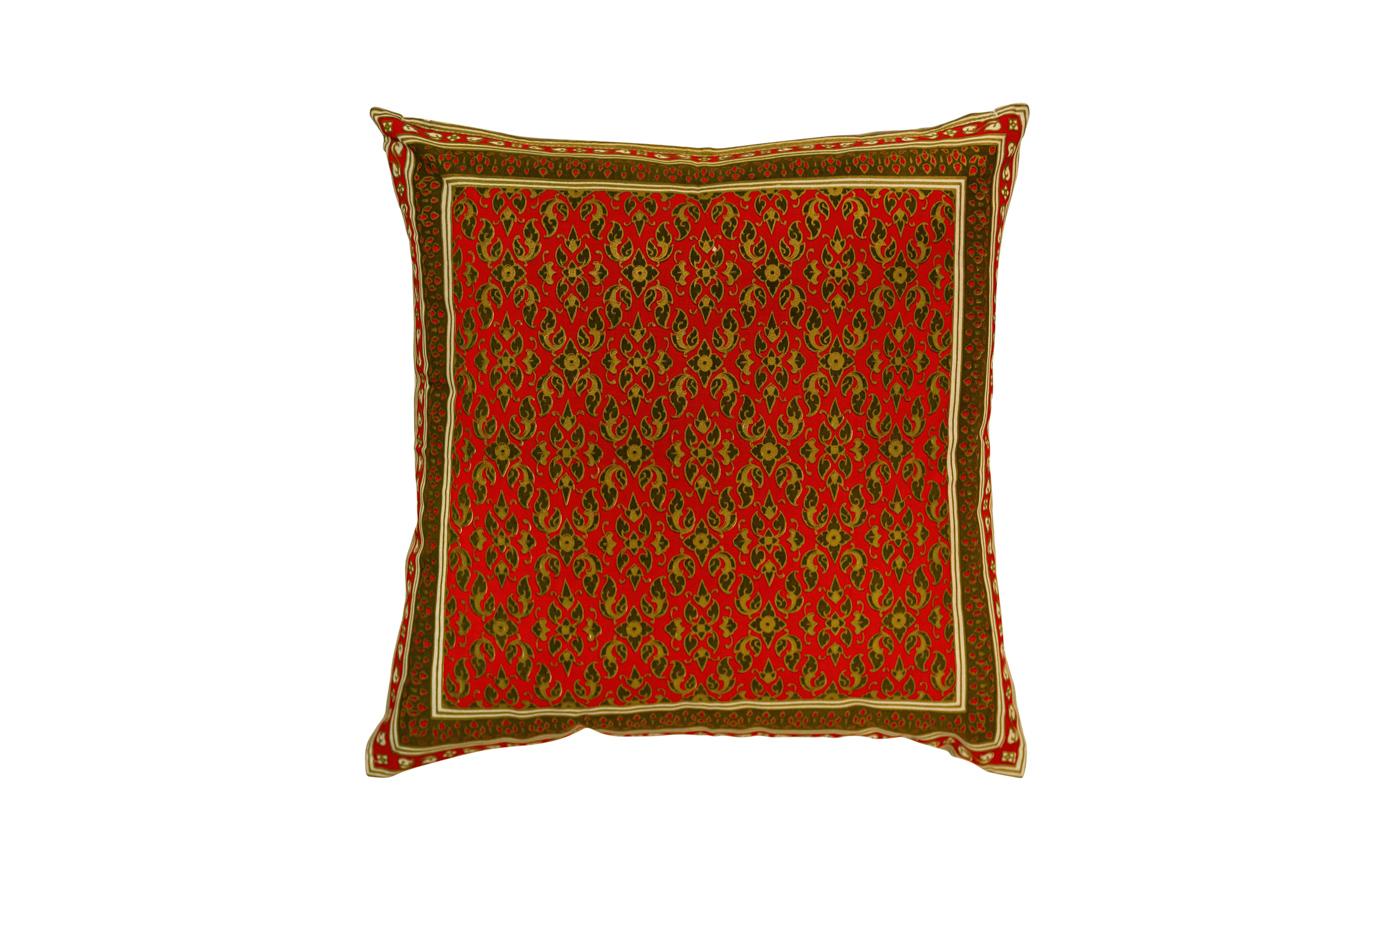 Cojín en seda con estampados florales-naranja/café